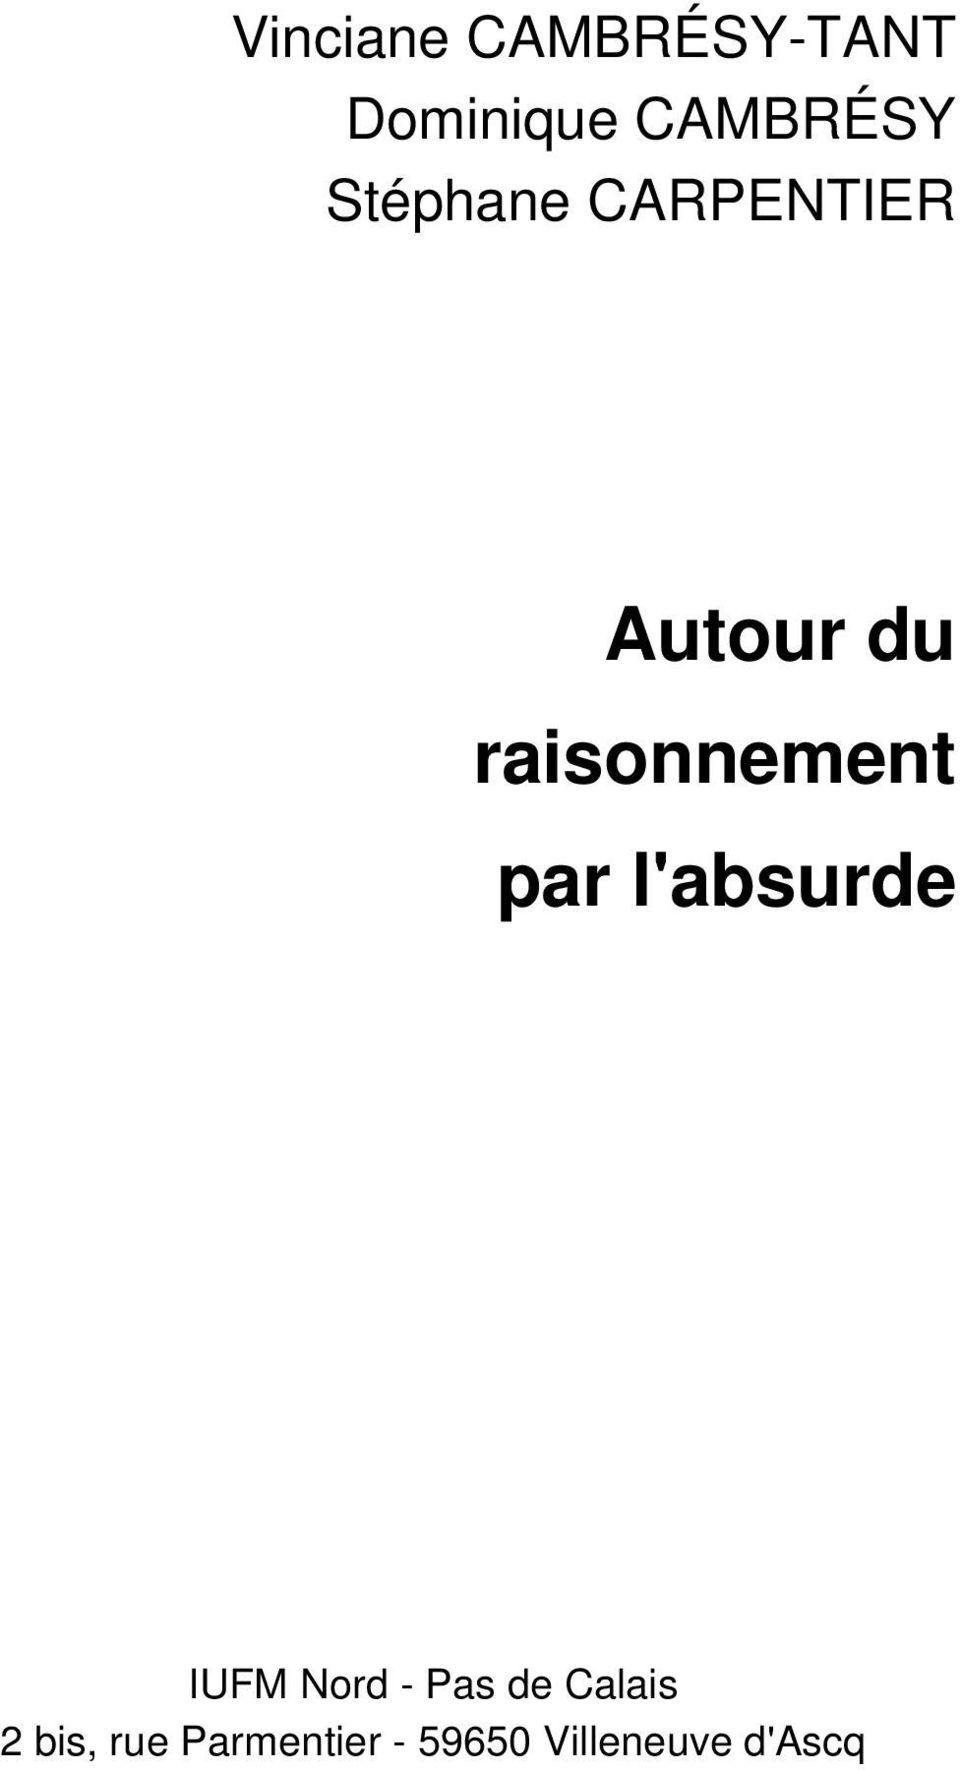 Raisonnement Par L'absurde Exemple Littéraire : raisonnement, l'absurde, exemple, littéraire, Raisonnement, L'absurde, Français